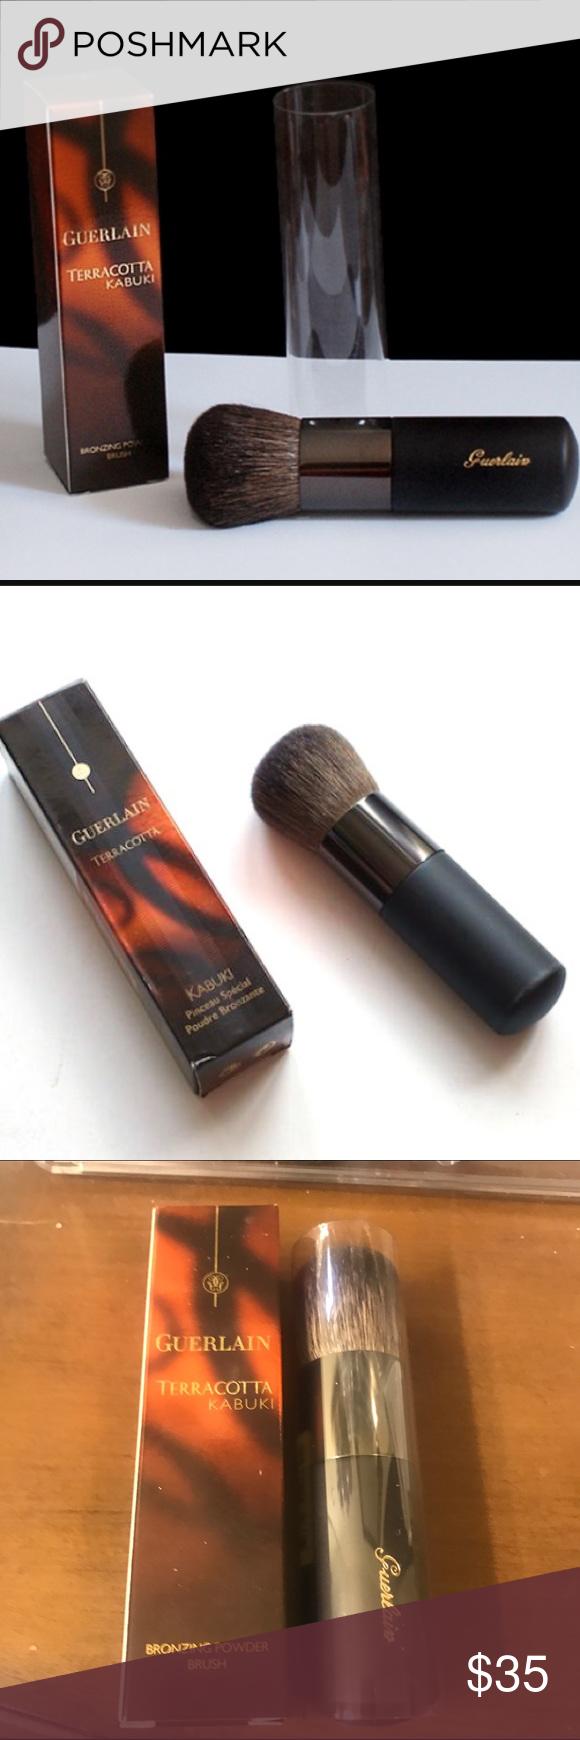 NEW Guerlain Terracotta Kabuki Brush Brand new full size. Retailed for over $60 Makeup Brushes & Tools